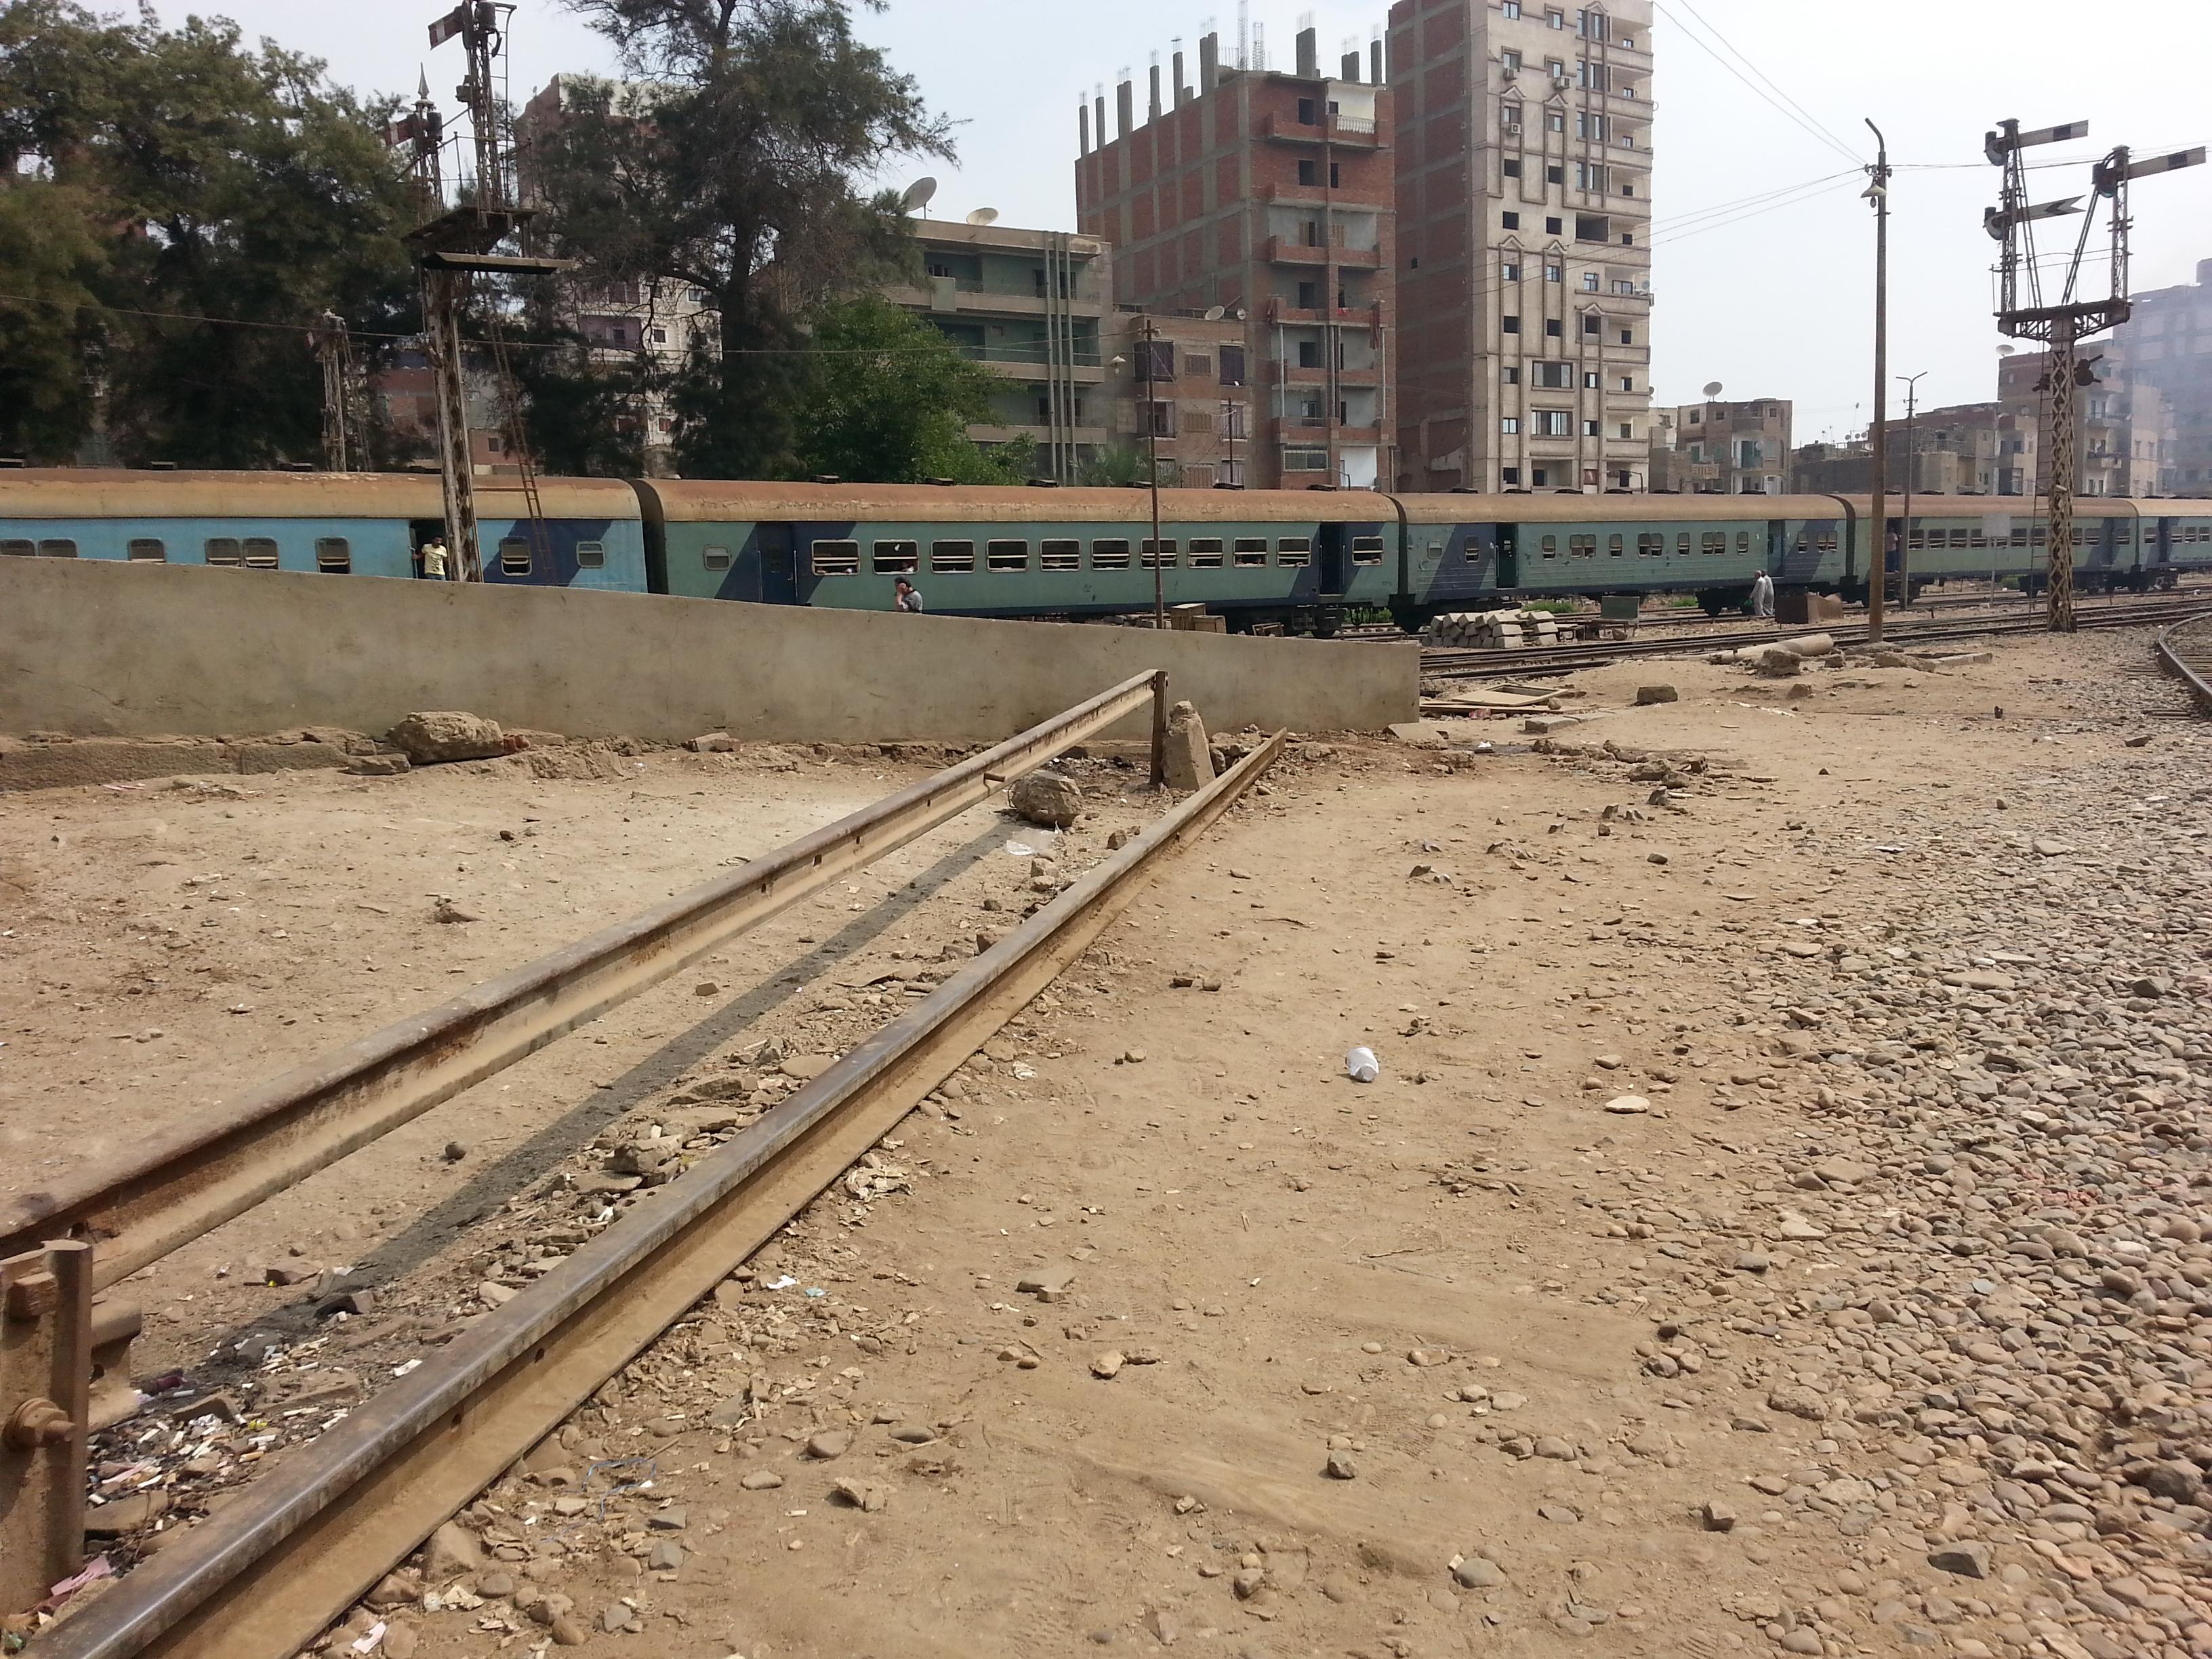 مواعيد قطارات مرسى مطروح القاهرة 2018